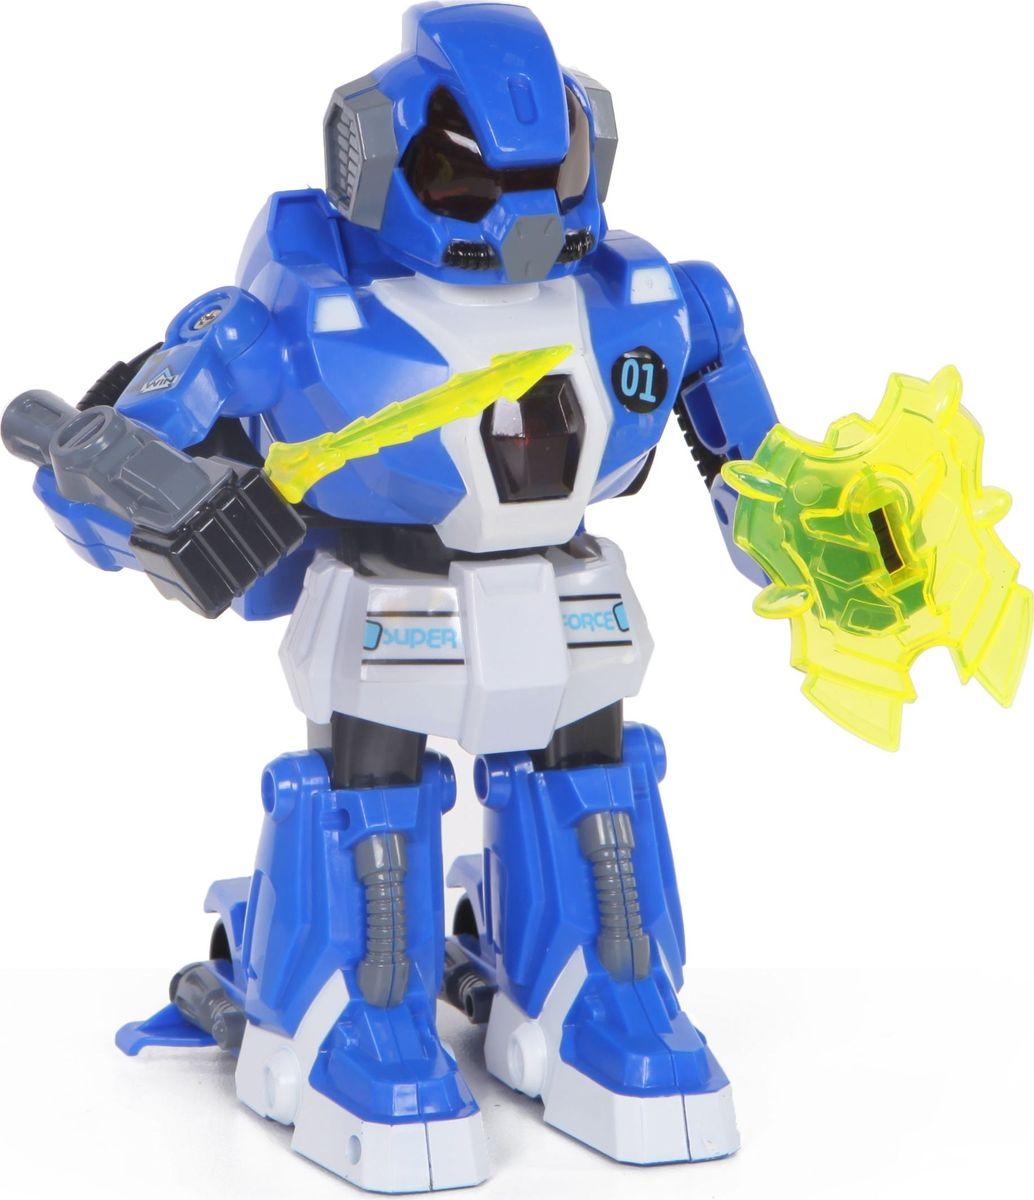 Yako Робот на радиоуправлении цвет синий Y16462776